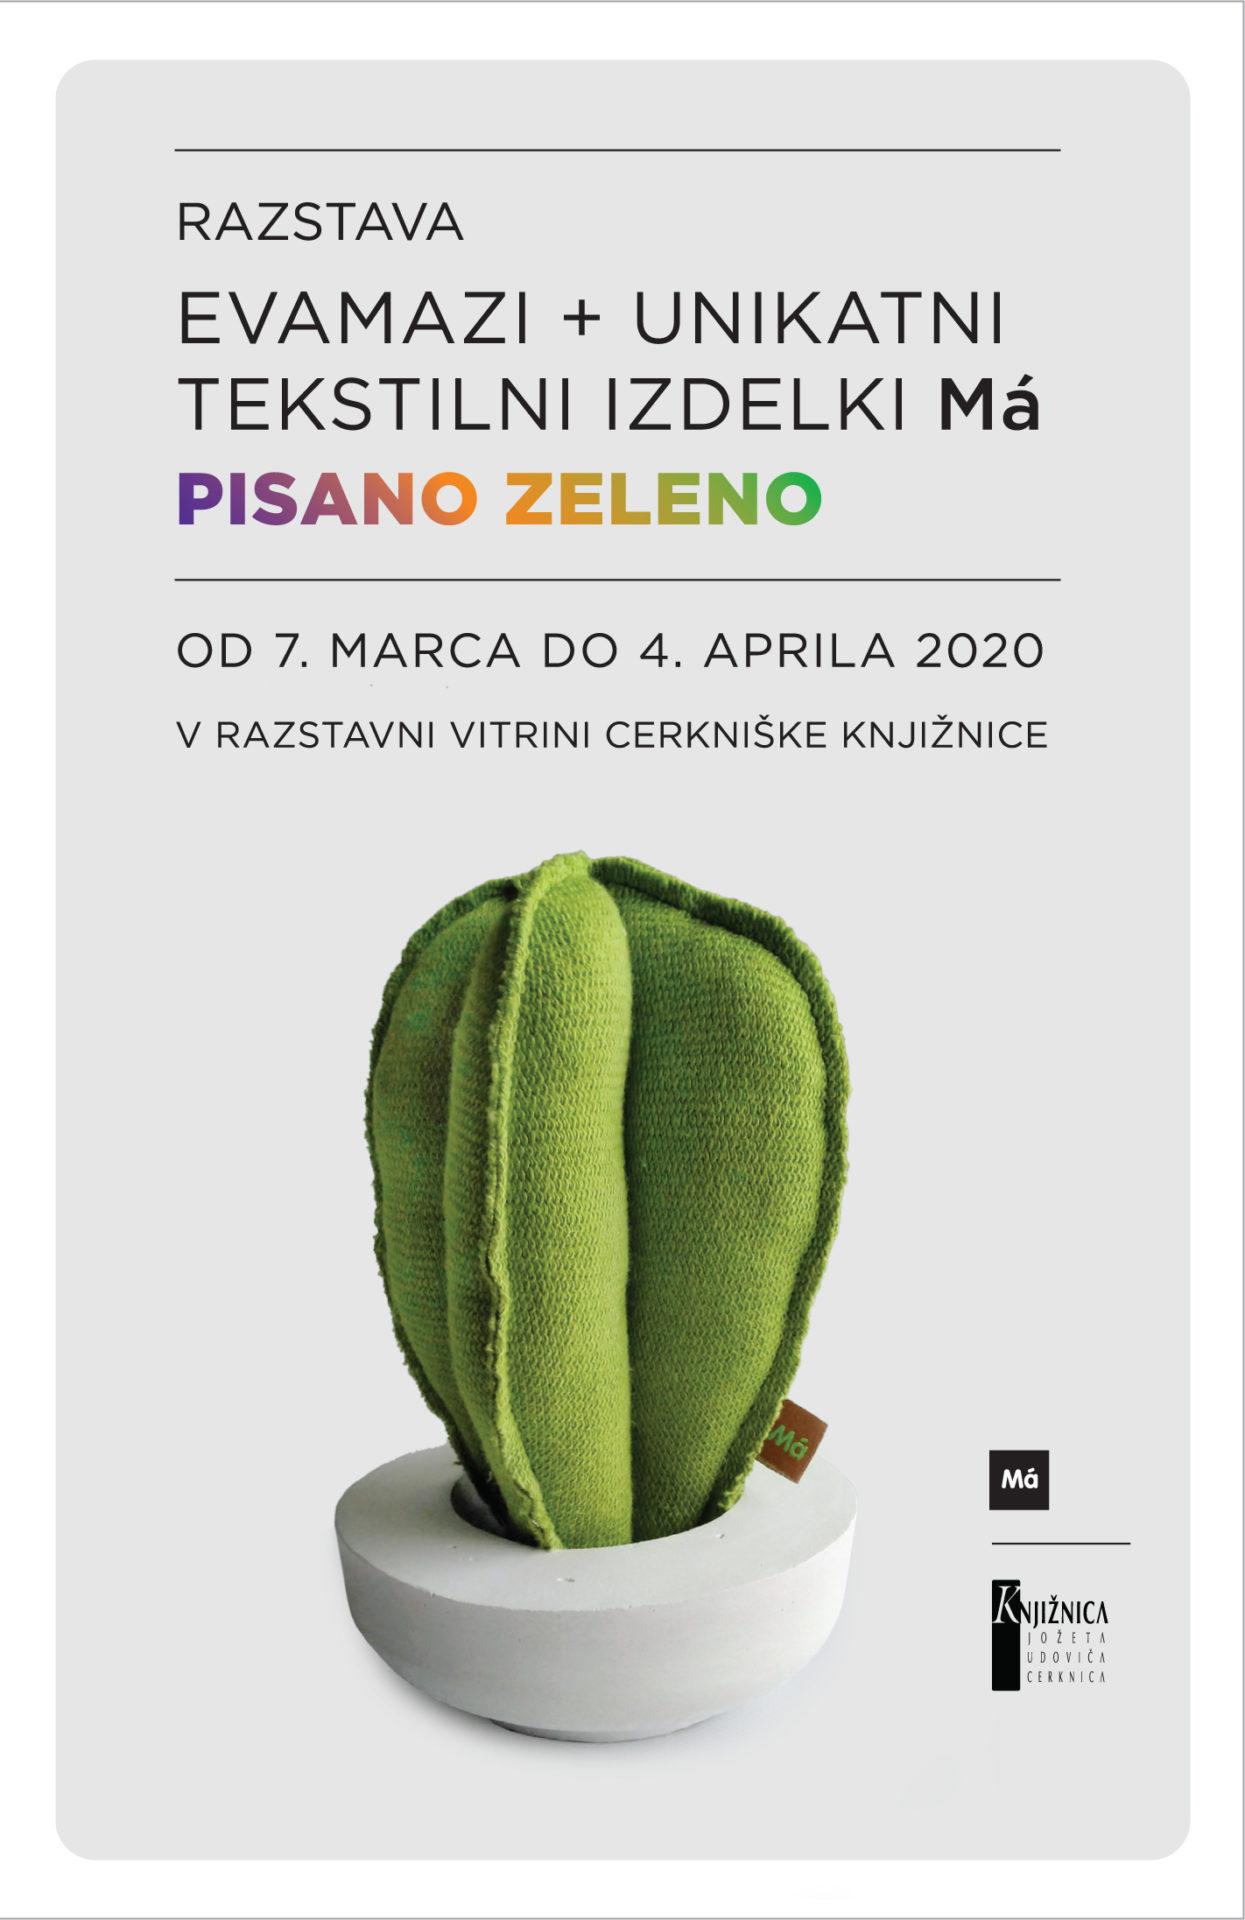 vabilo copy - Pisano zeleno - razstava oblikovalke Eve Mazi